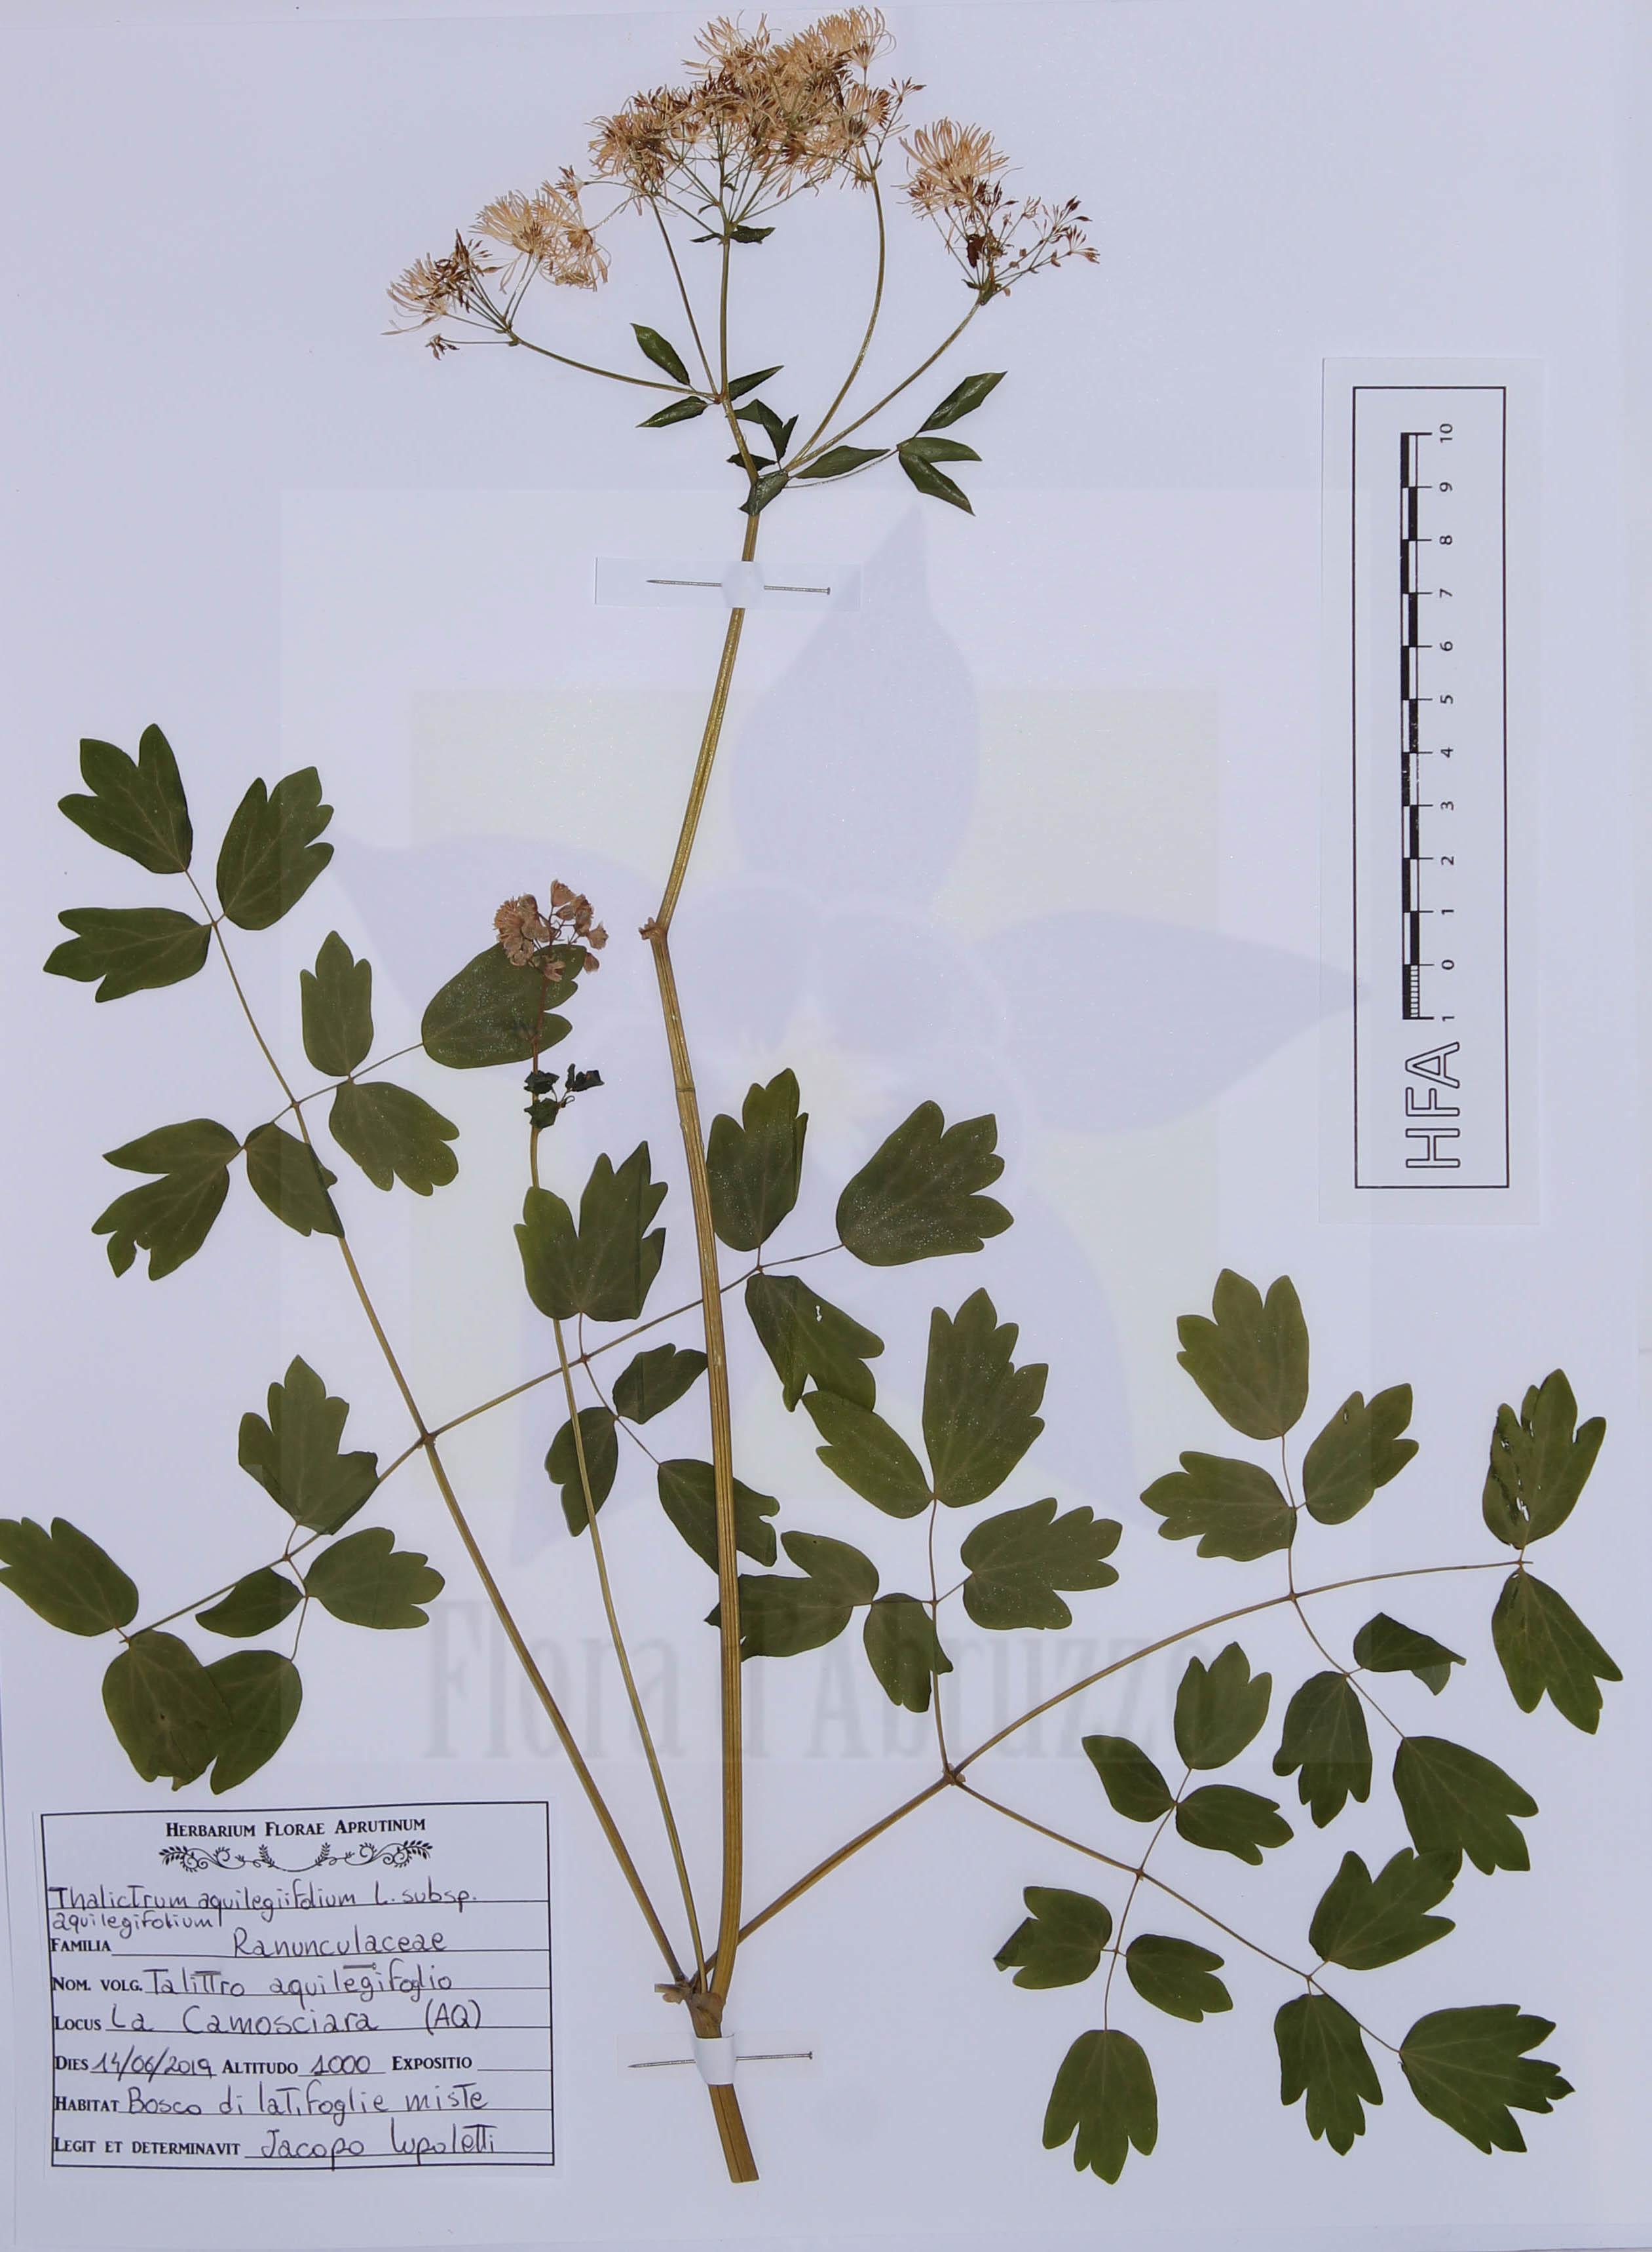 Thalictrum aquilegiifolium L. subsp. aquilegiifolium